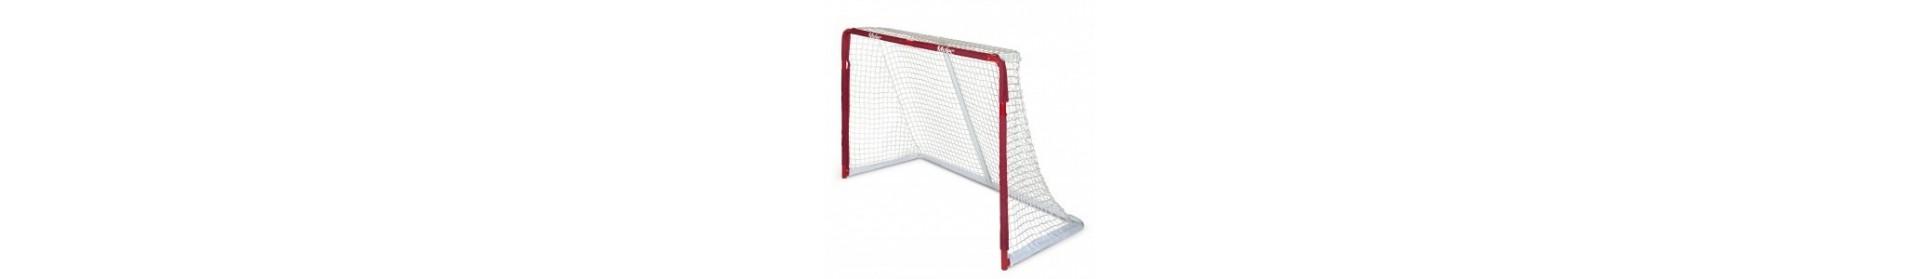 Buts Hockey - Le Vestiaire